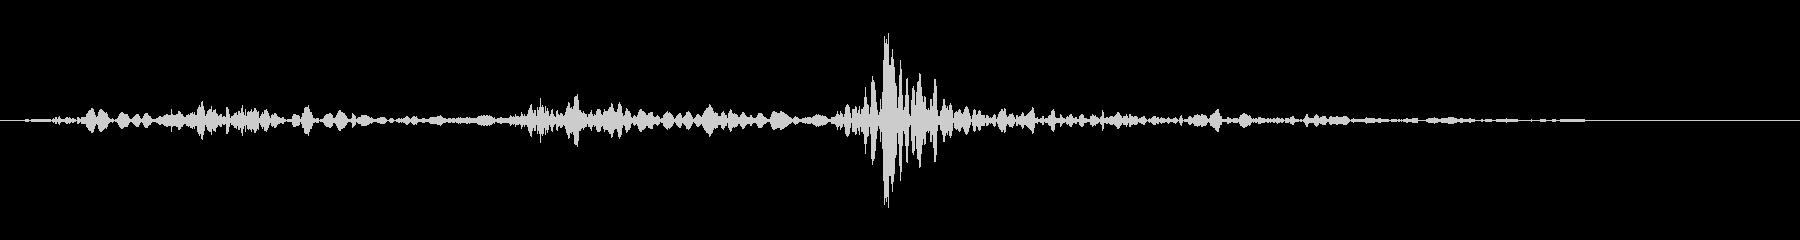 大型フライトケース:オープントップ...の未再生の波形